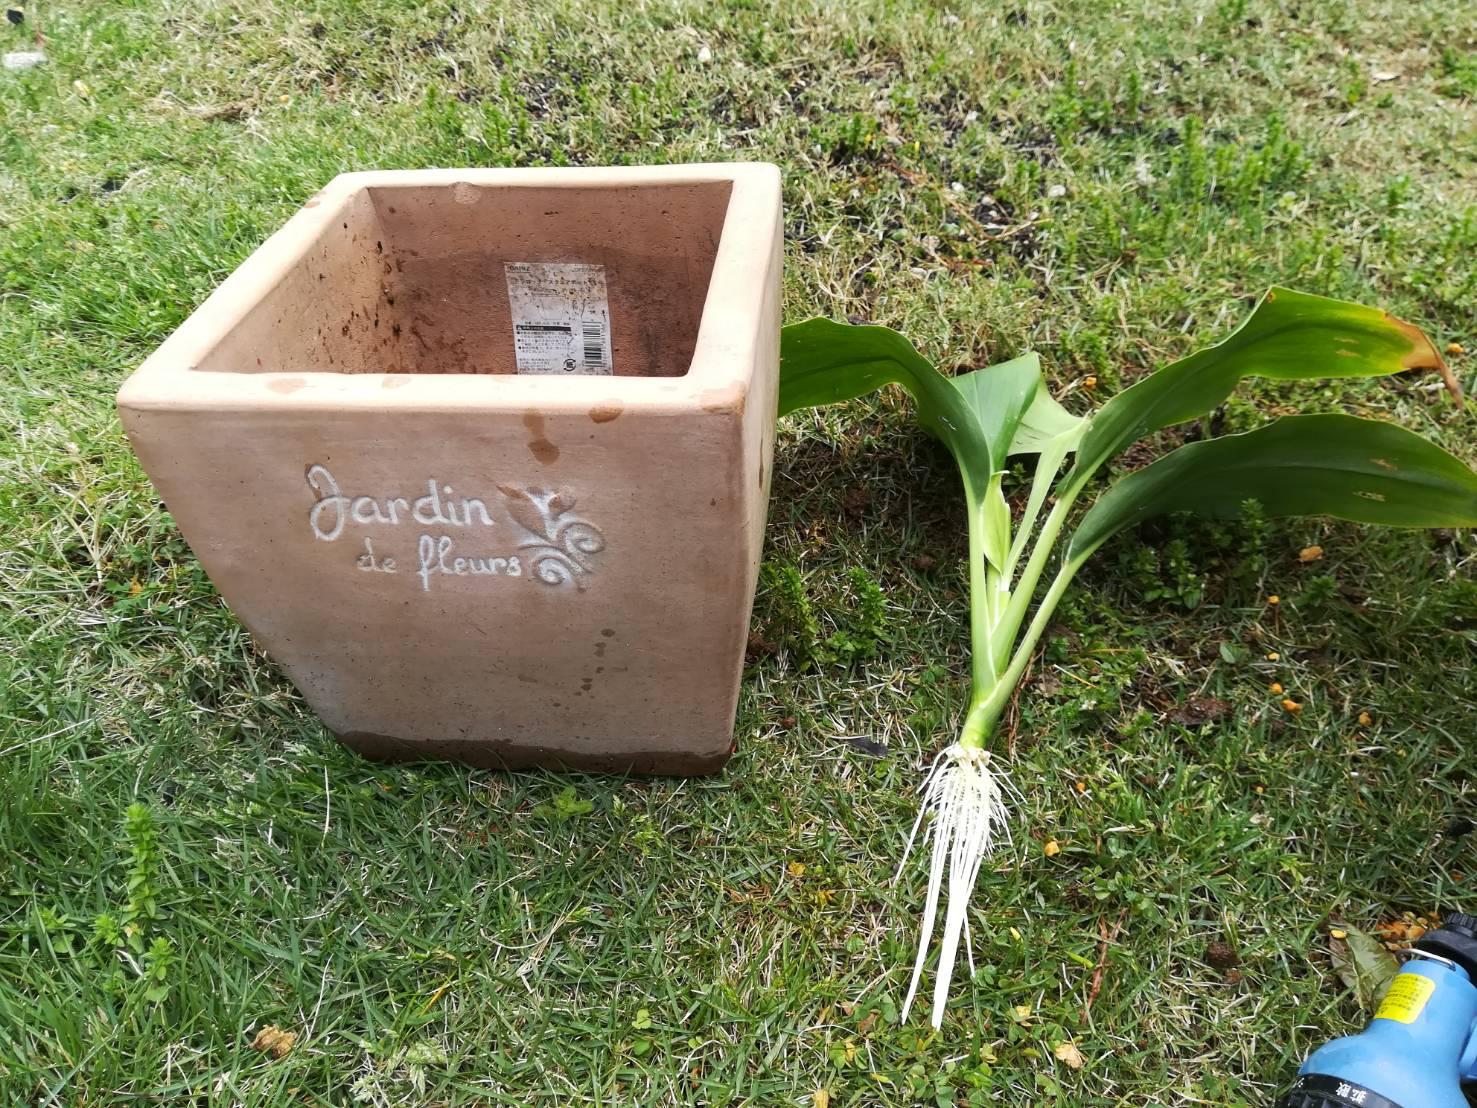 ハラン...ではなく青ドラセナを水挿しから鉢植えに!≪間違い×ありがとうございます!≫